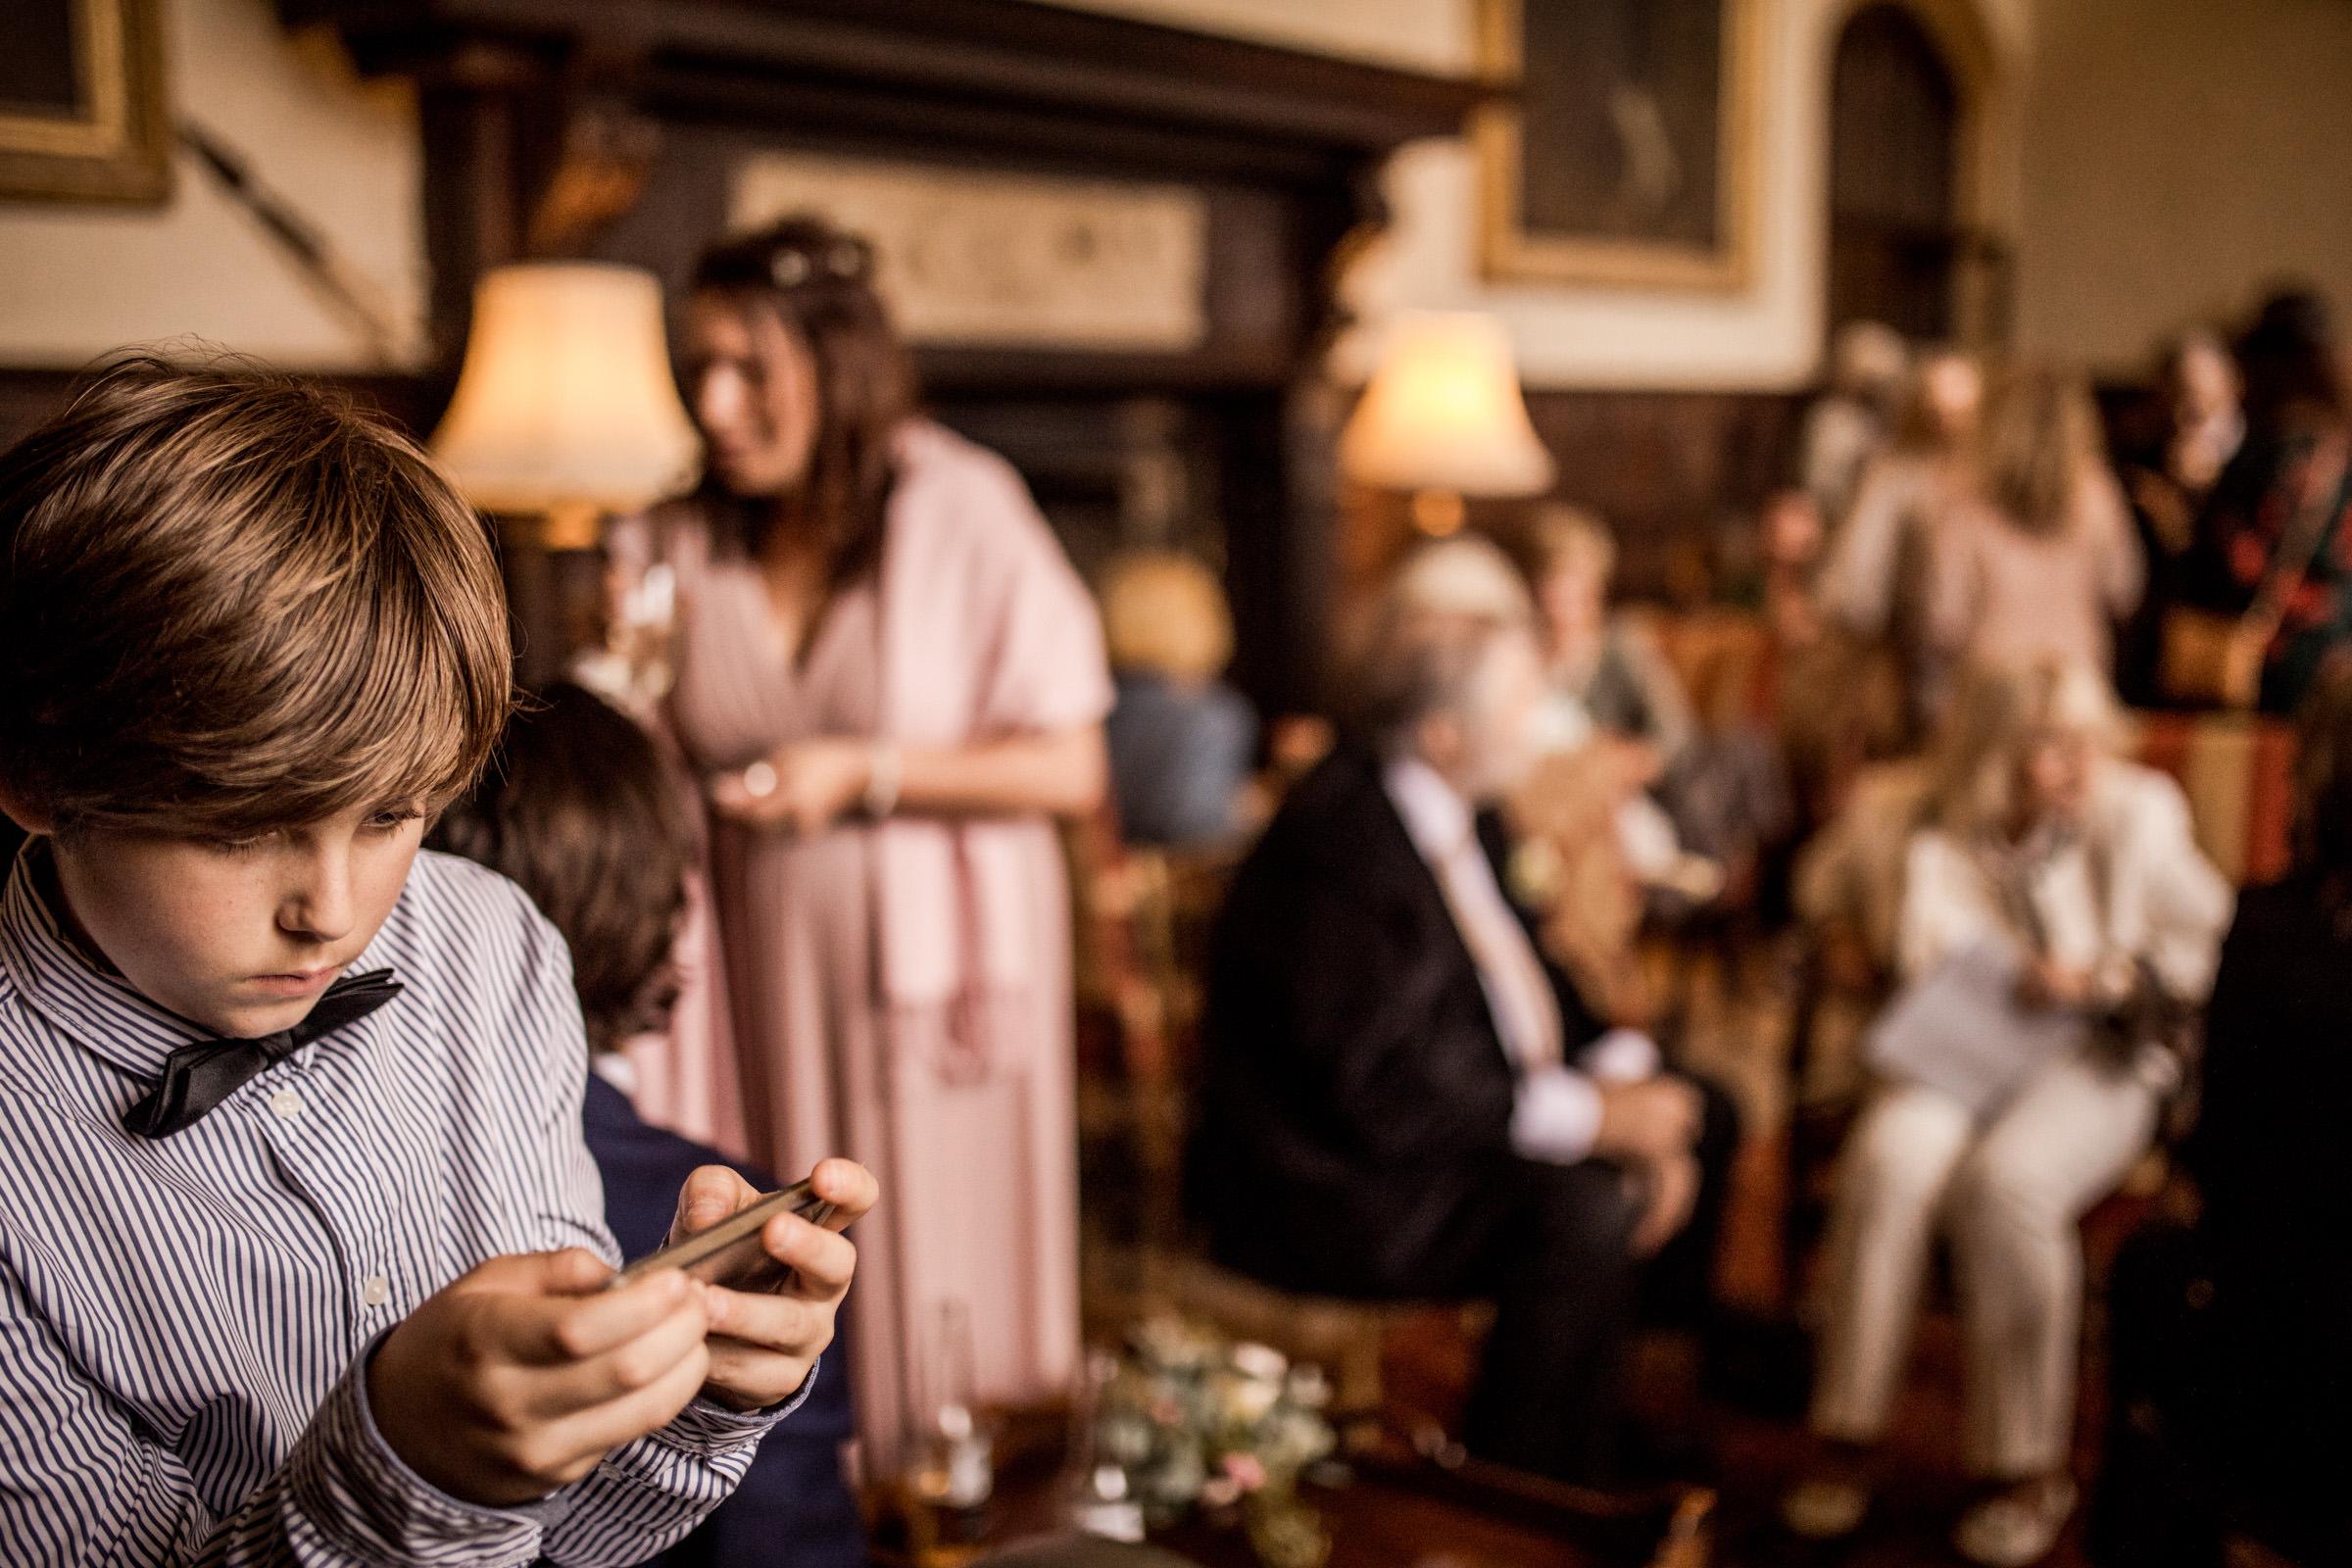 在圣安妮·埃弗里的照片里,在婚礼上的公寓